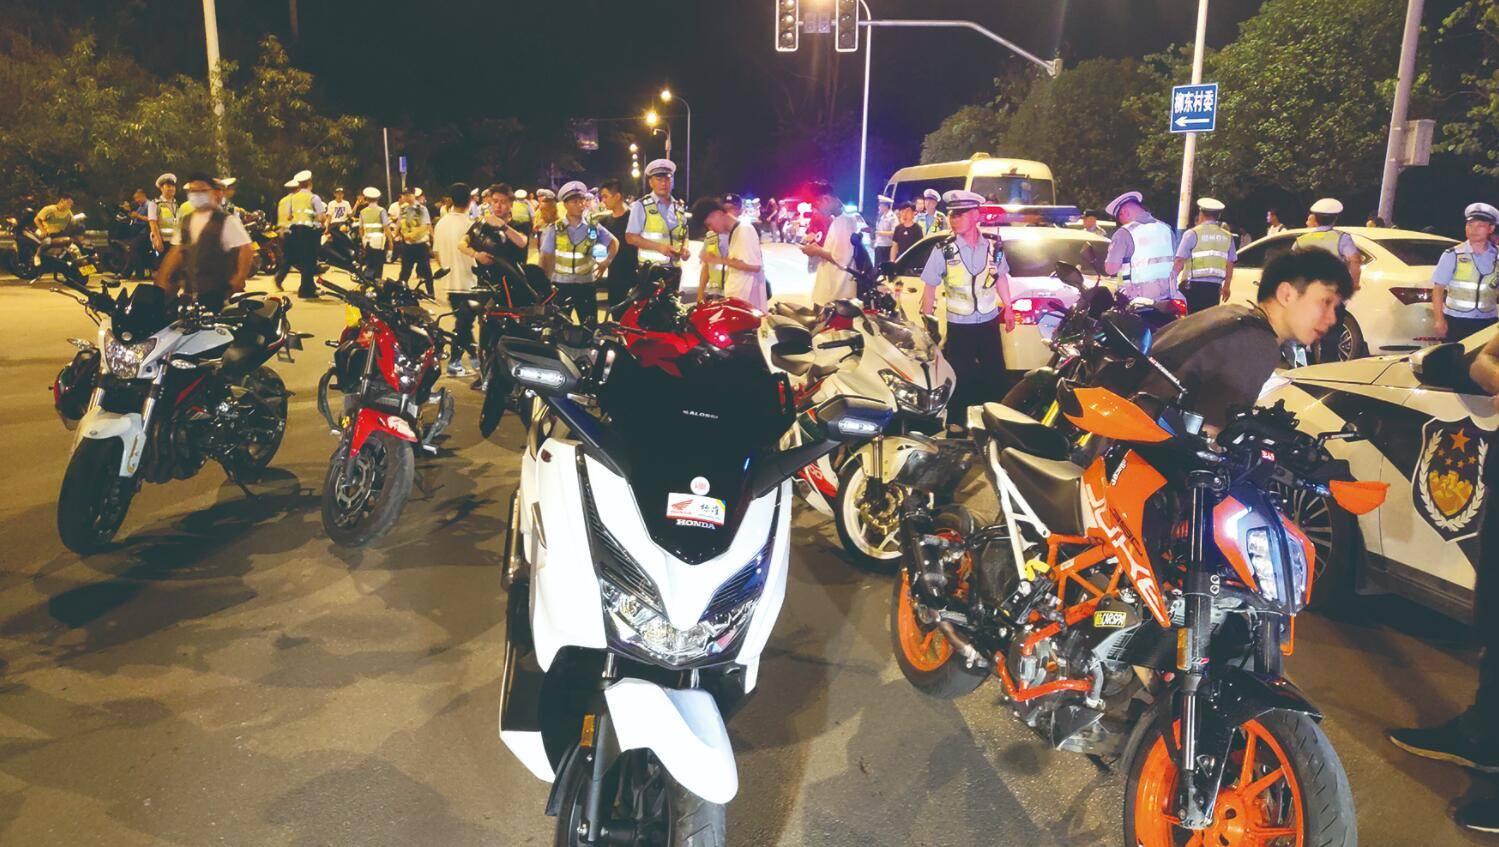 柳州近百辆摩托车聚集桥下飙车?交警出动200人进行查处